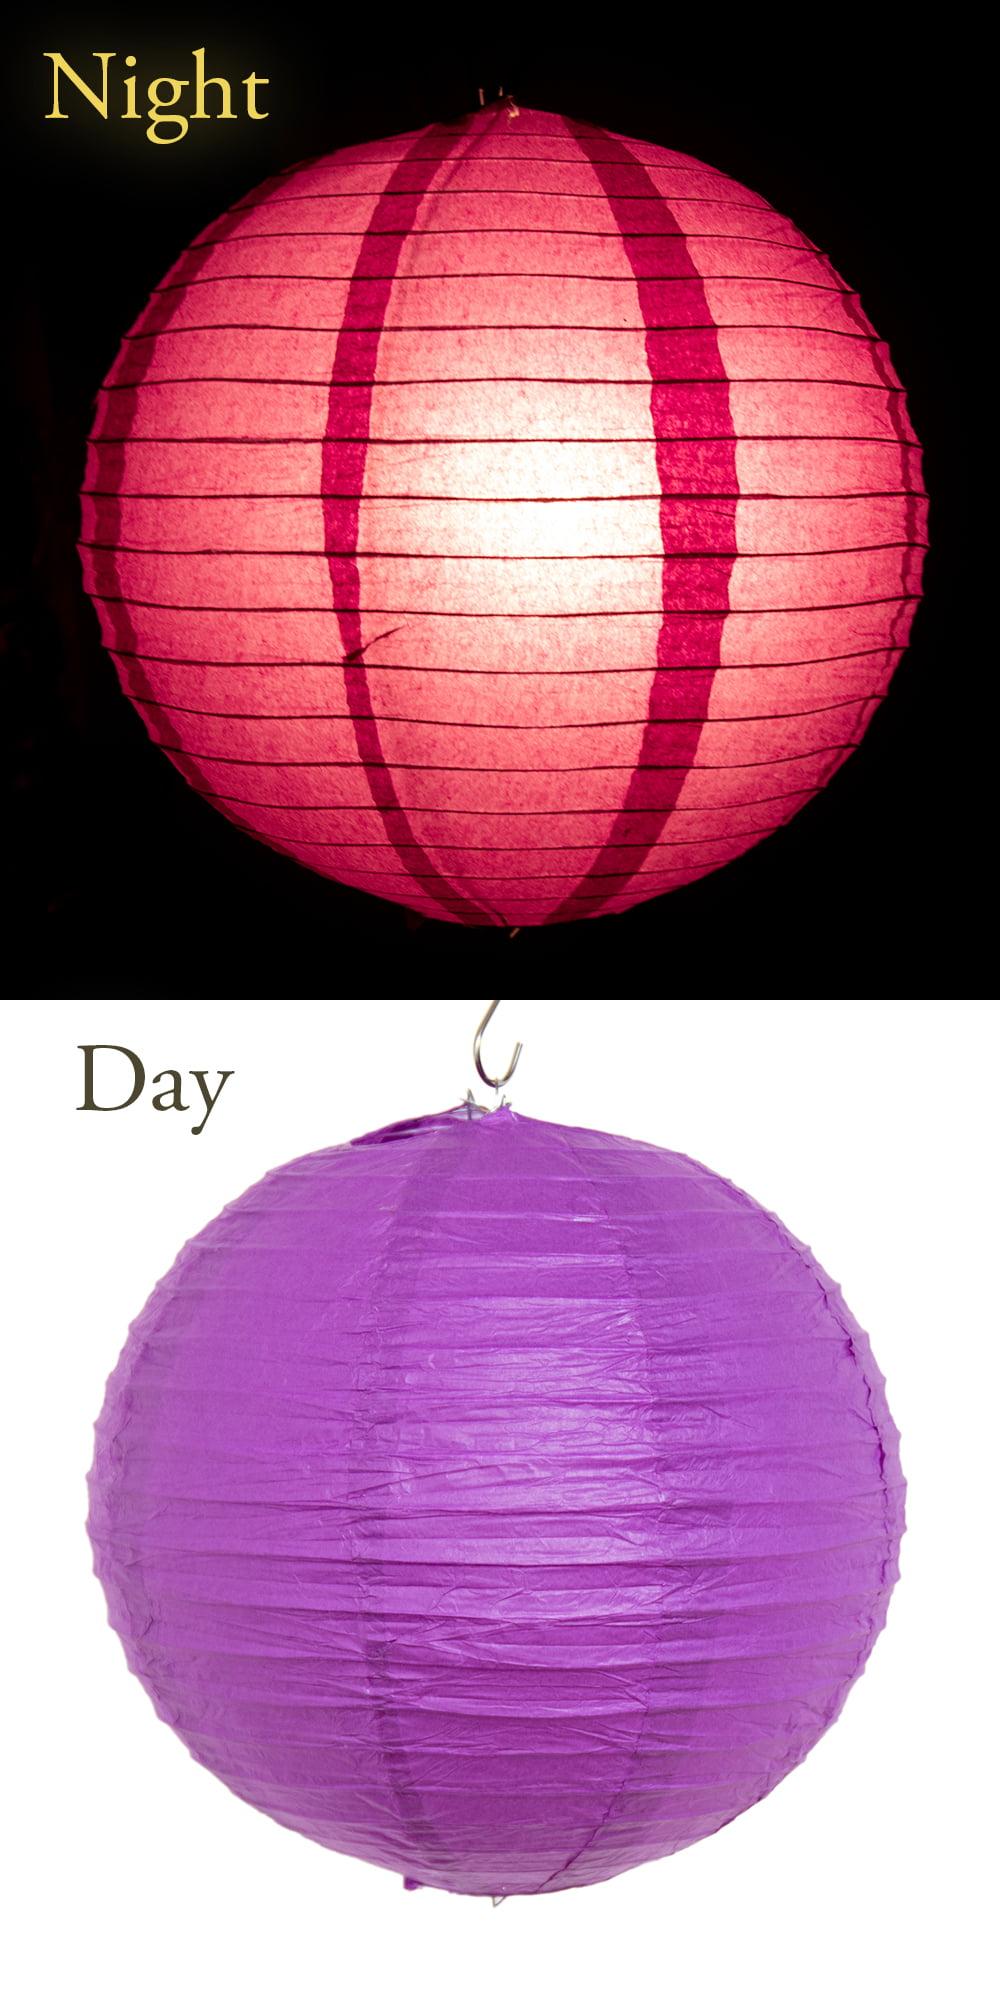 【8色展開】ベトナムのカラフル提灯・ランタン - 丸型 直径30cm 10 - 色とりどり揃えるともりあがりますね。